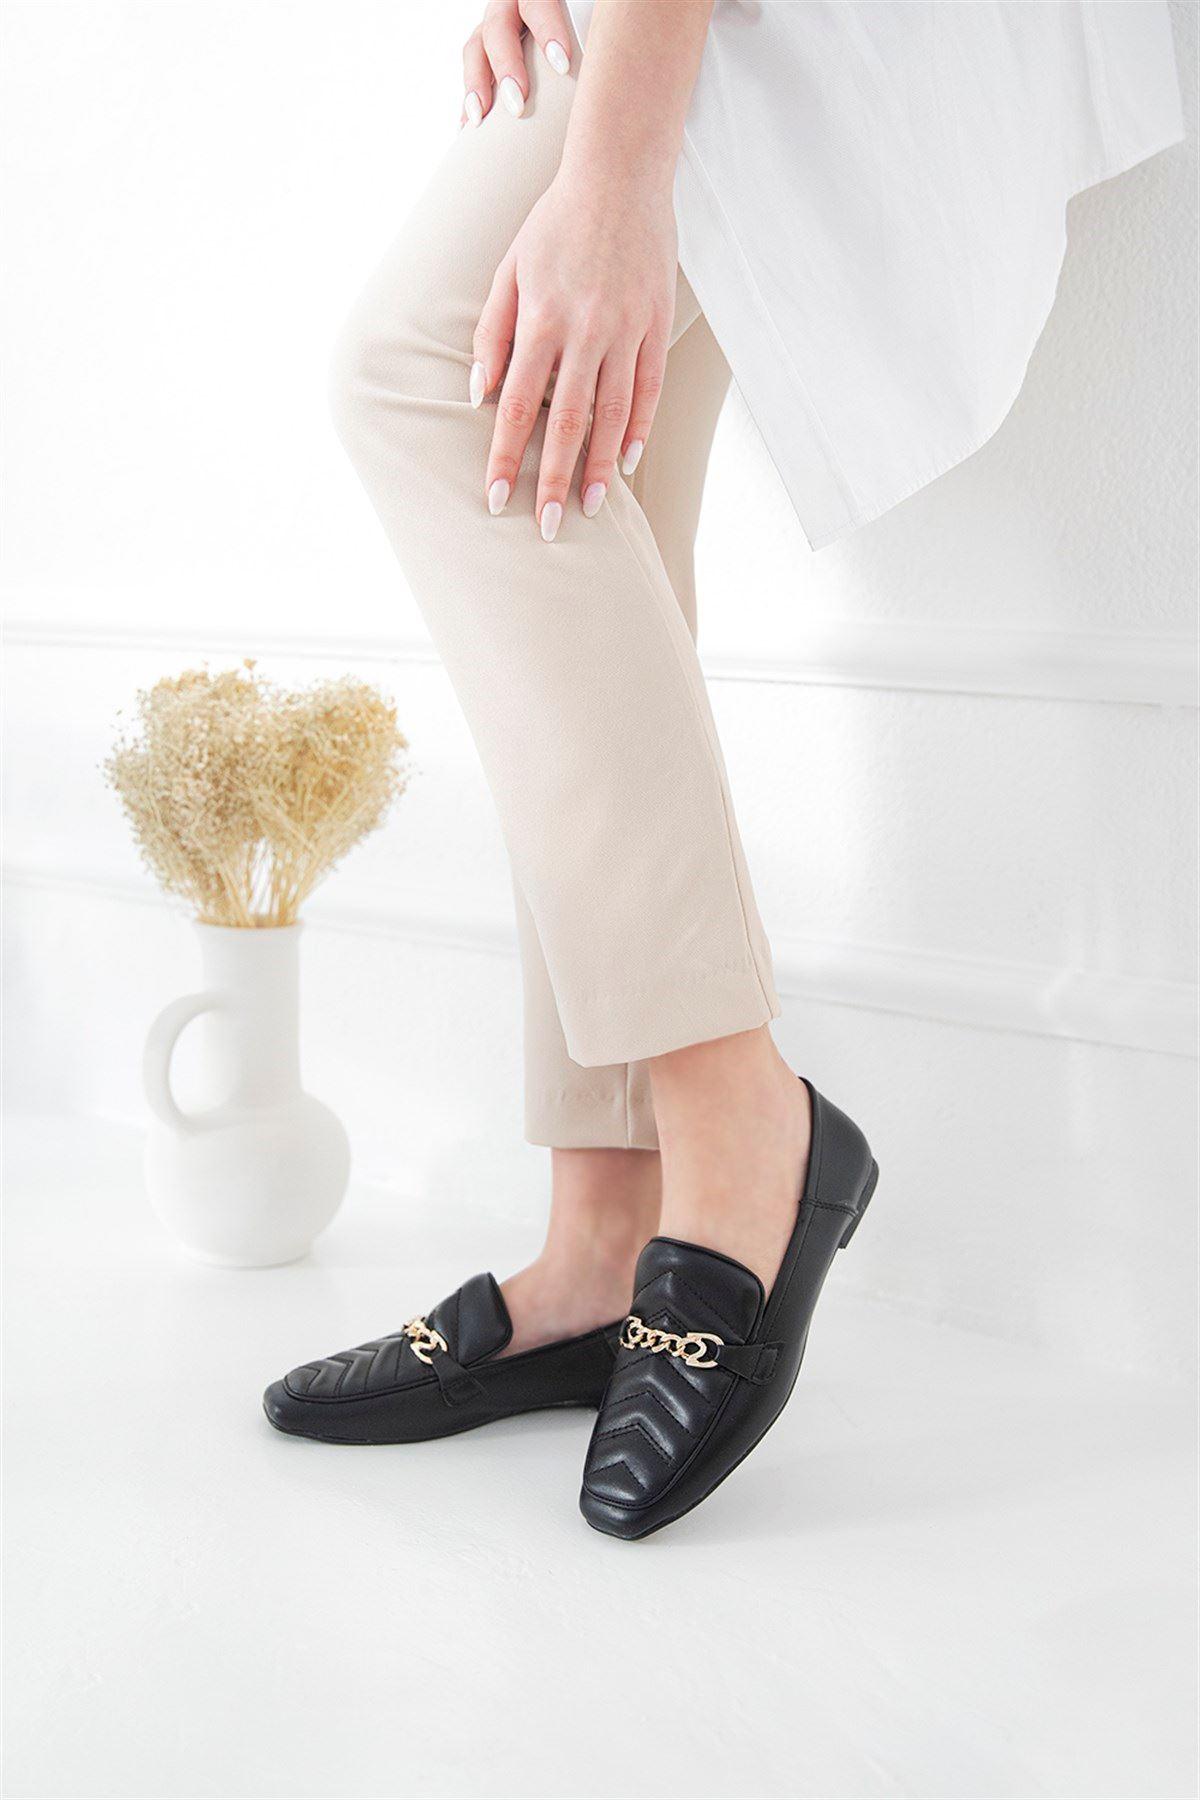 Trendayakkabı - Kadın Kapitone Detay Deri Babet Siyah